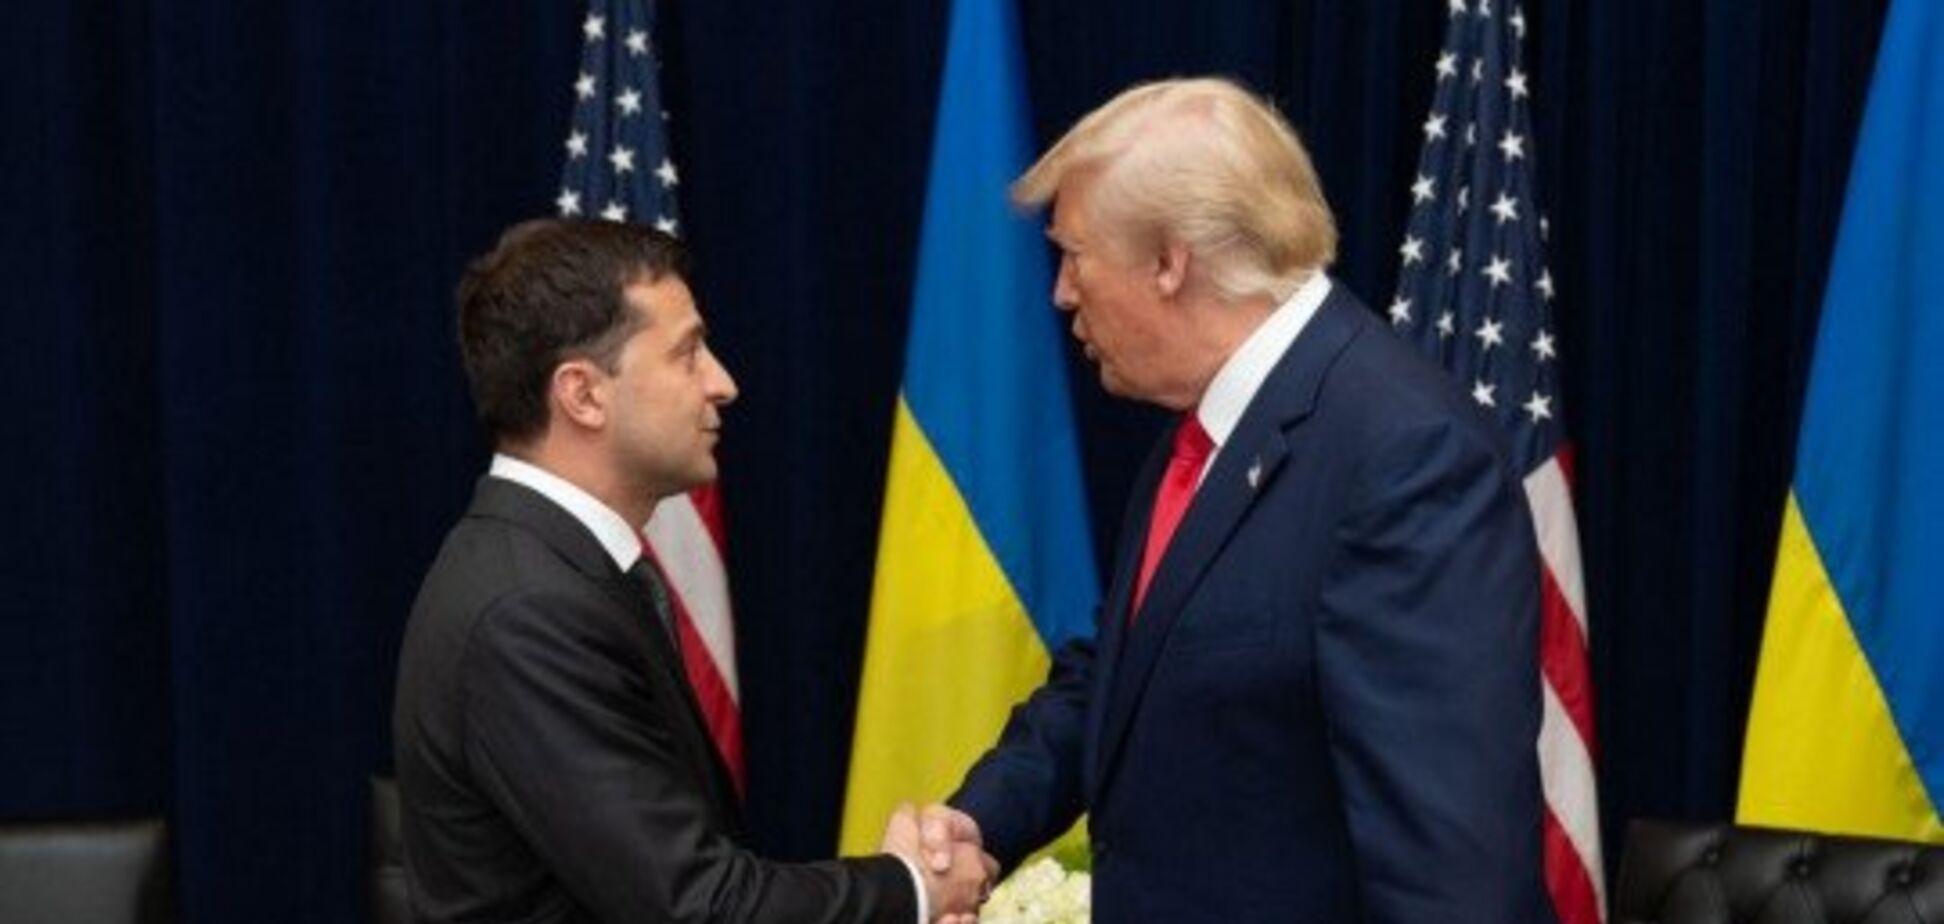 Трамп навмисно проігнорував Зеленського у Варшаві – Парнас